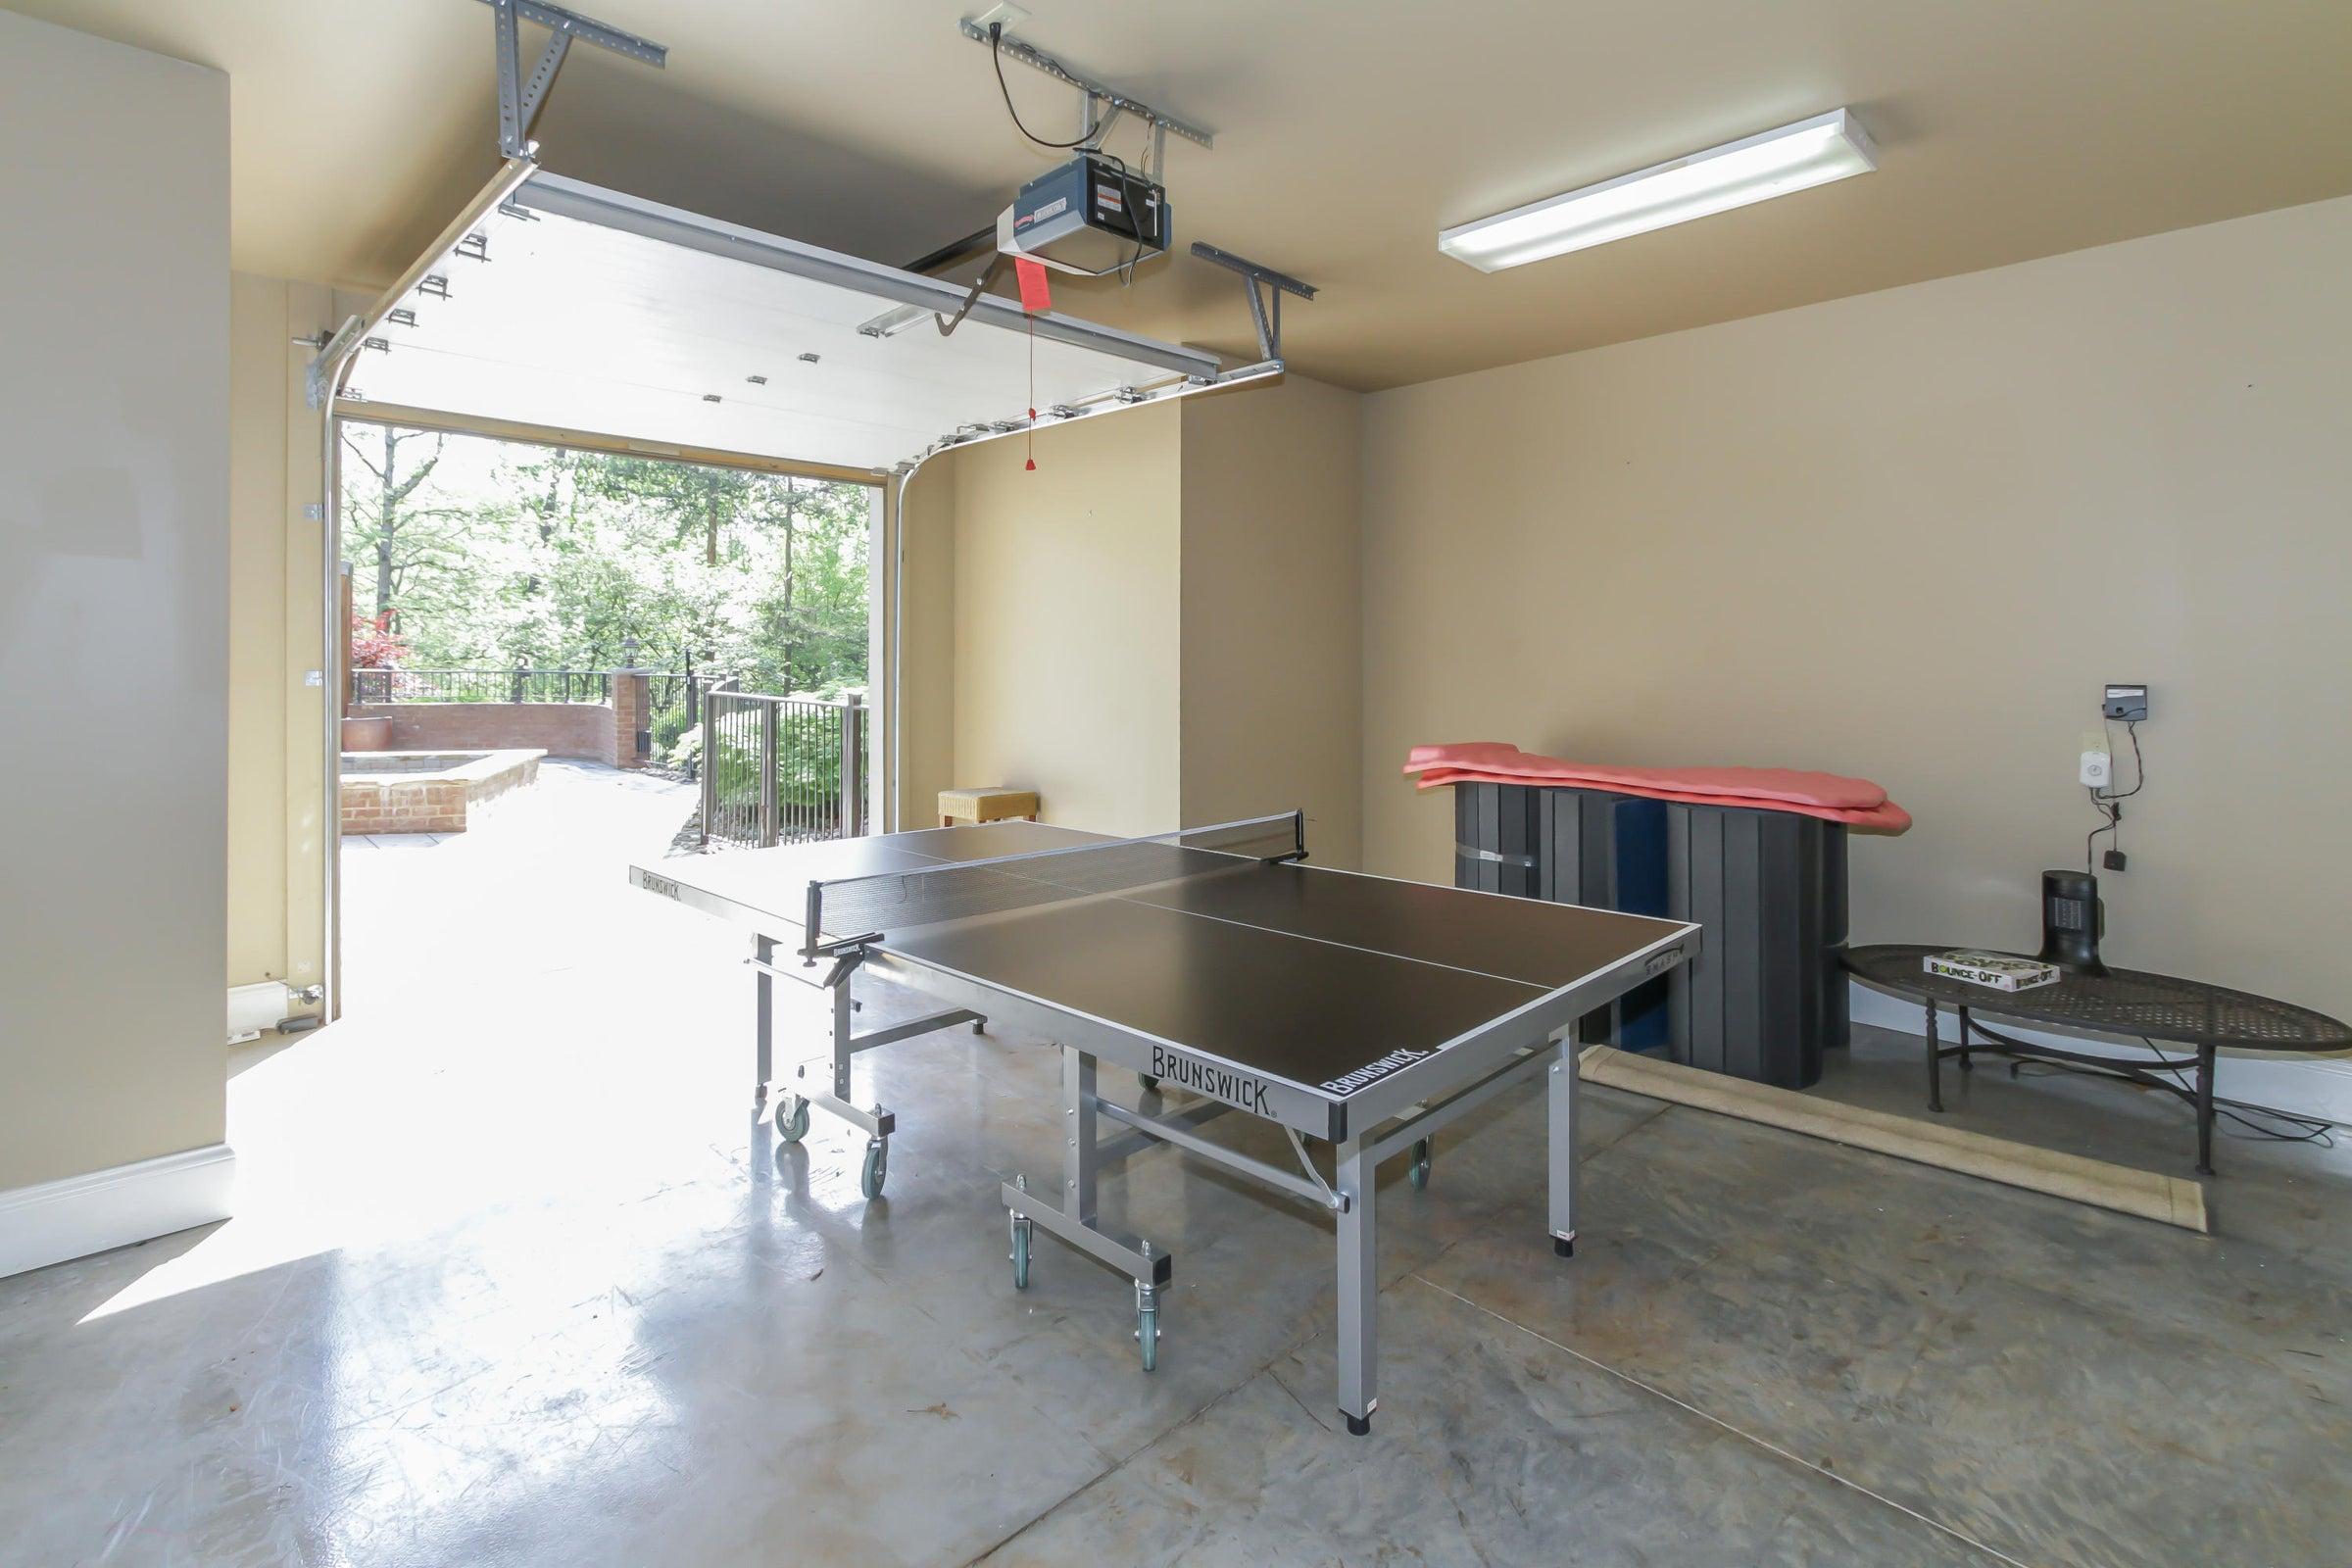 LL garage space